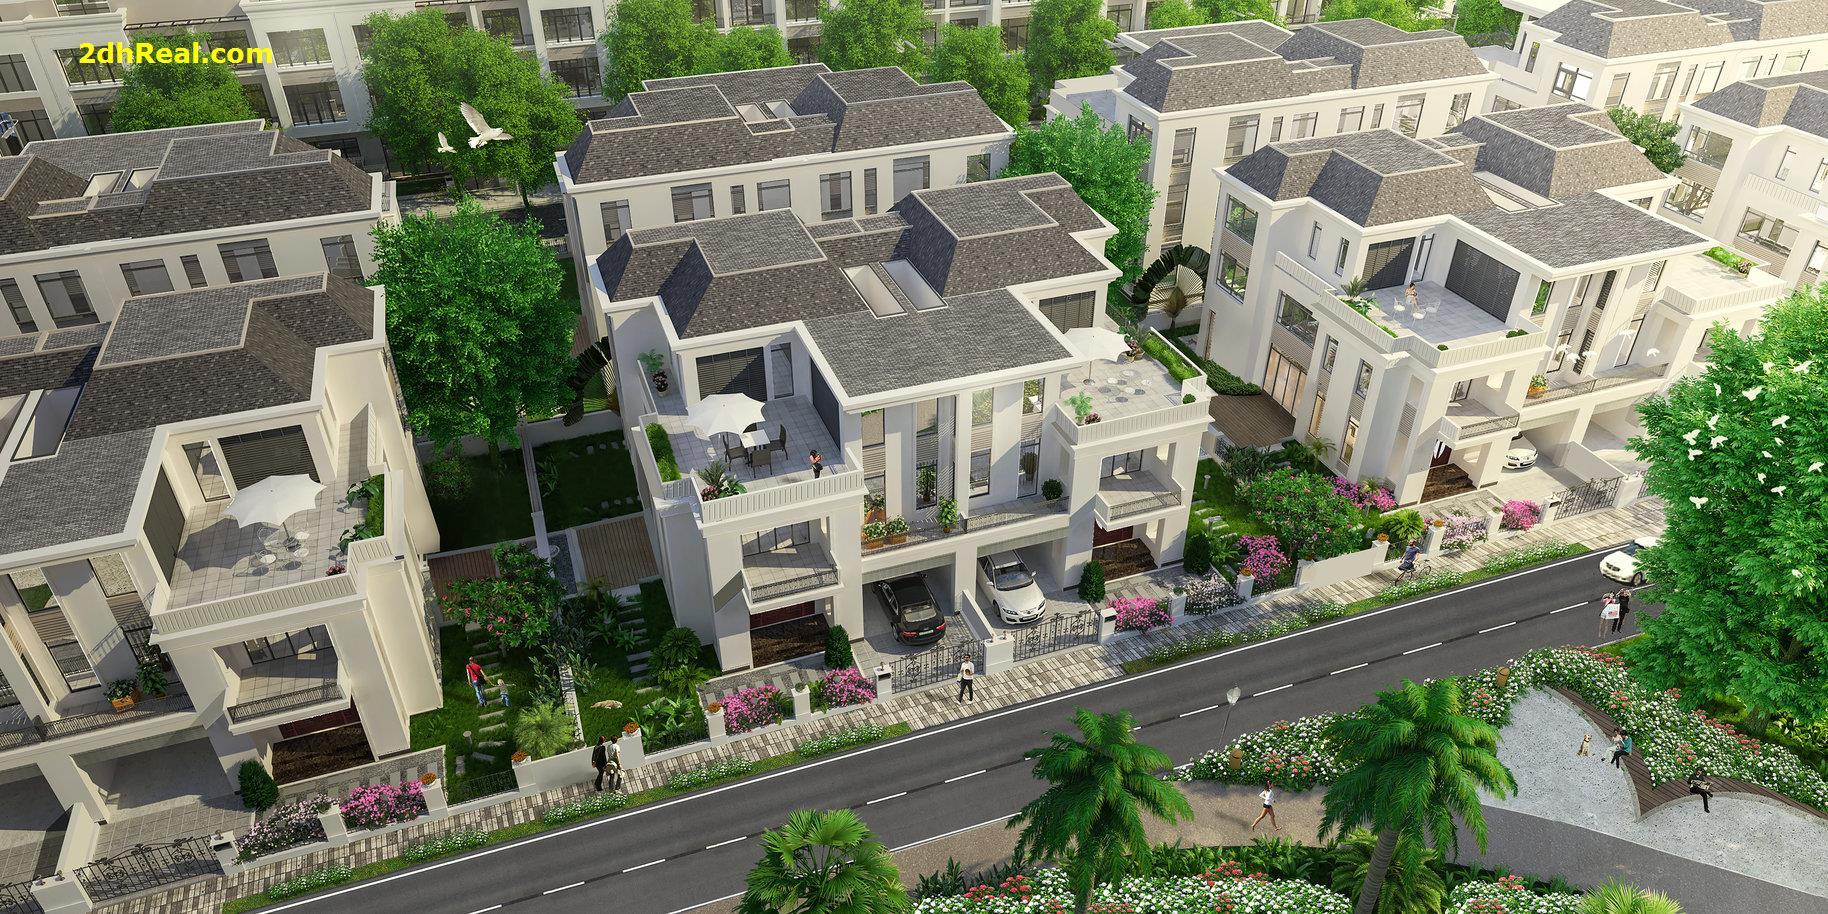 Bán dự án khu biệt thự 25 căn 2,8 hecta đường Nguyễn Xiển, phường Trường Thạnh, quận 9, Tp.HCM